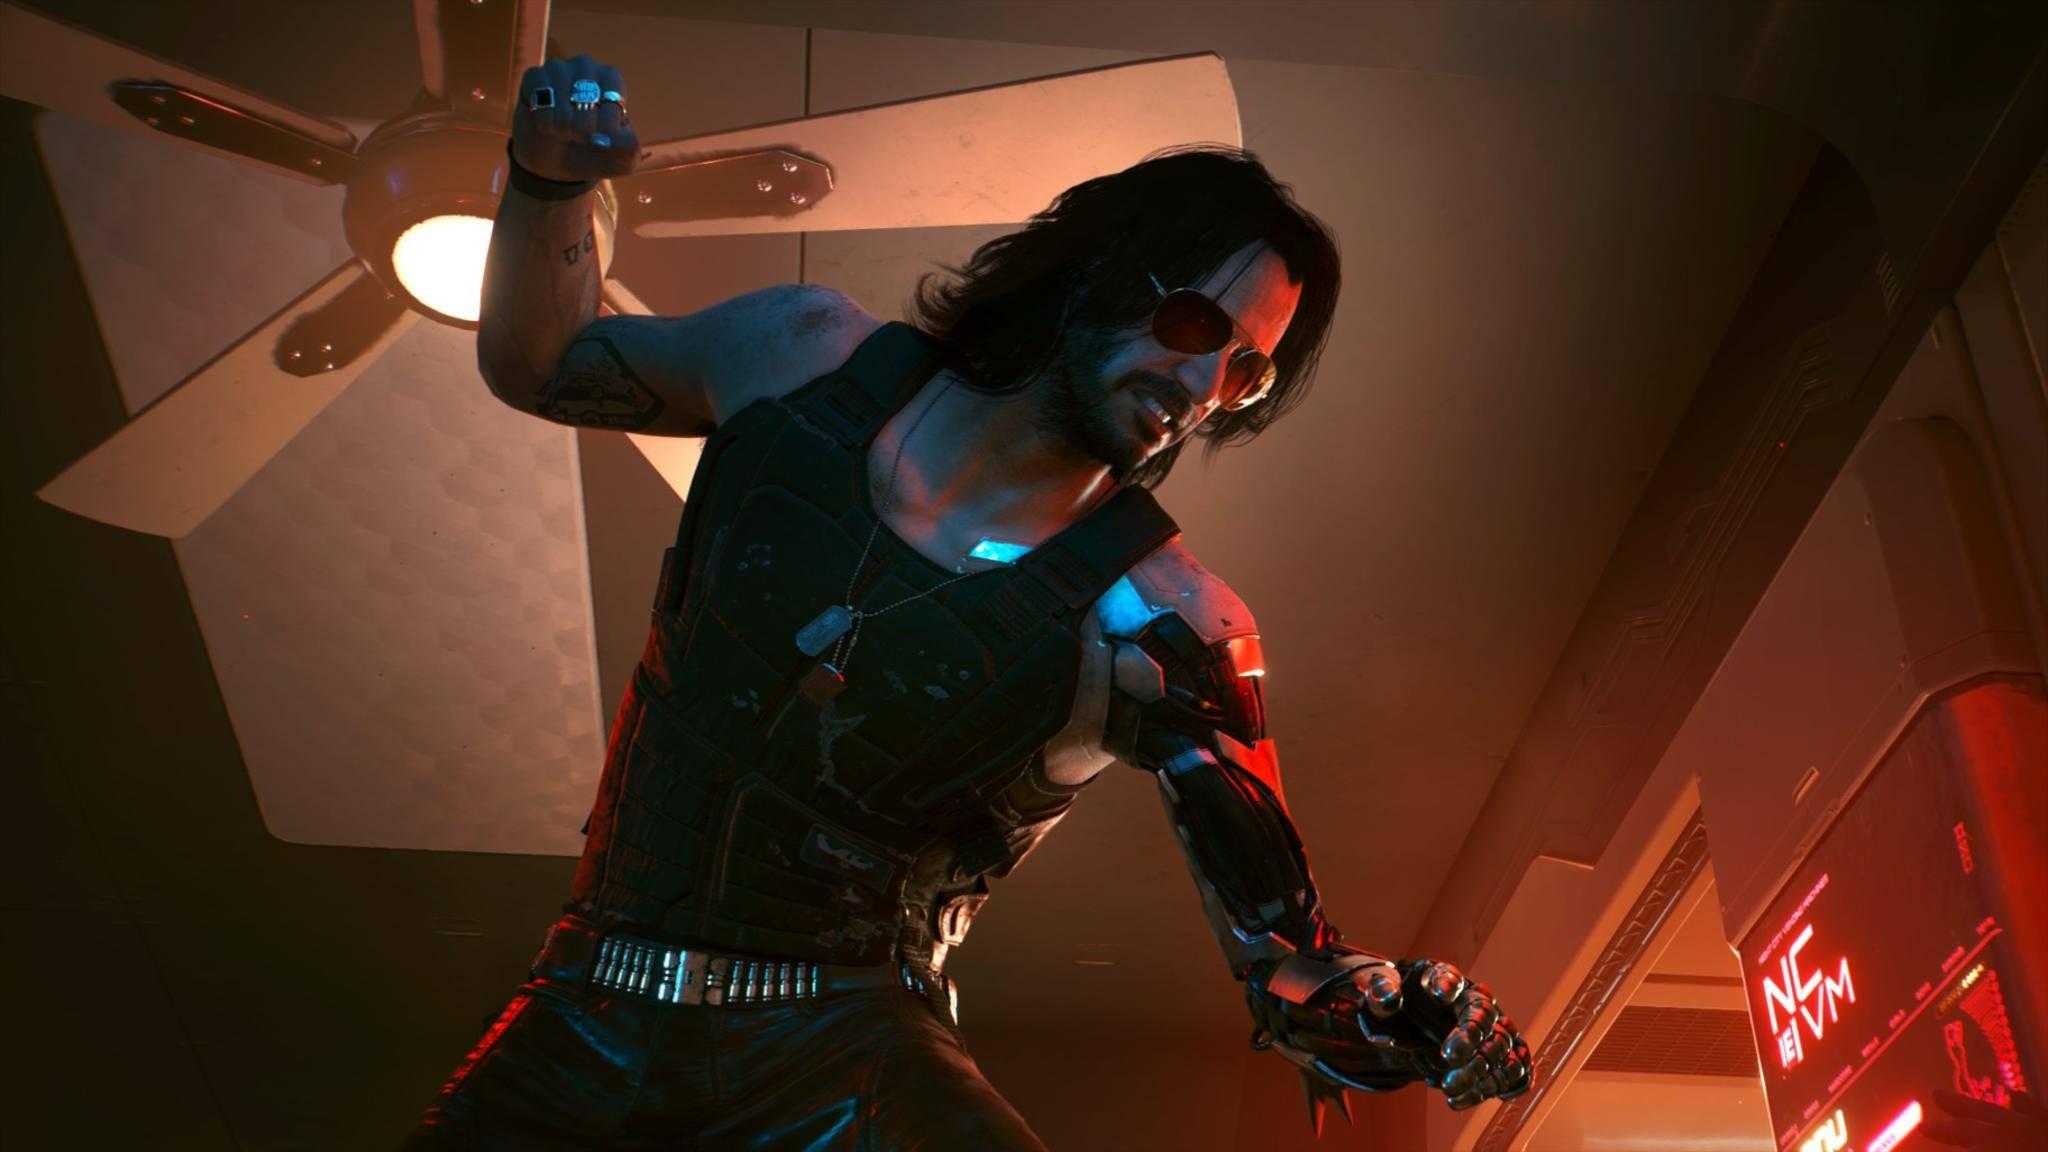 cyberpunk-2077-johnny-silverhand-screenshot